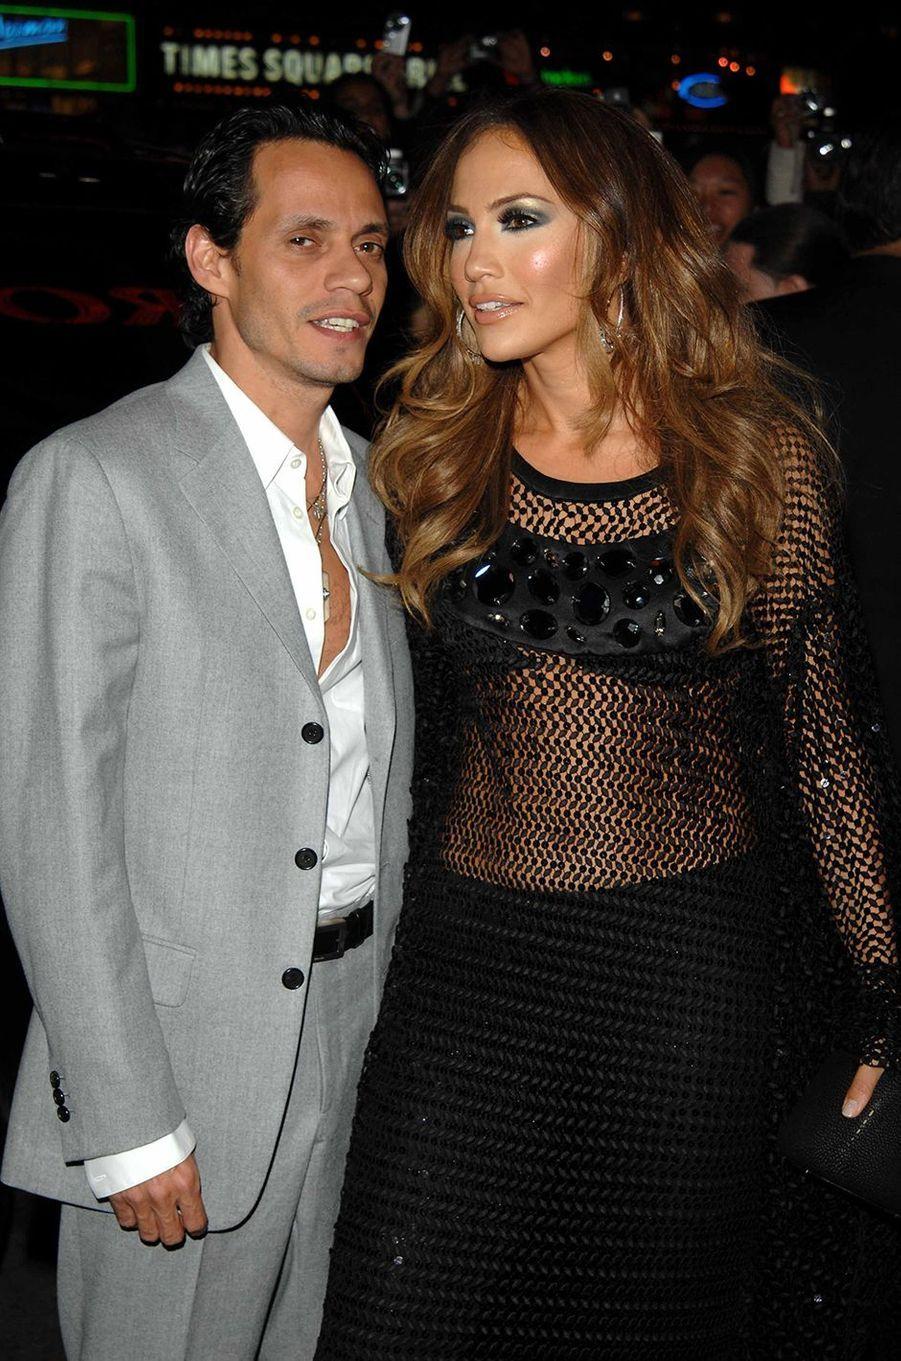 Marc Anthony et Jennifer Lopez lors d'une soirée à New York en mars 2007.Le couple a commencé à se fréquenter en 2004, s'est marié la même année, et a rompu en 2011. Le divorce a été officialisé en 2014.